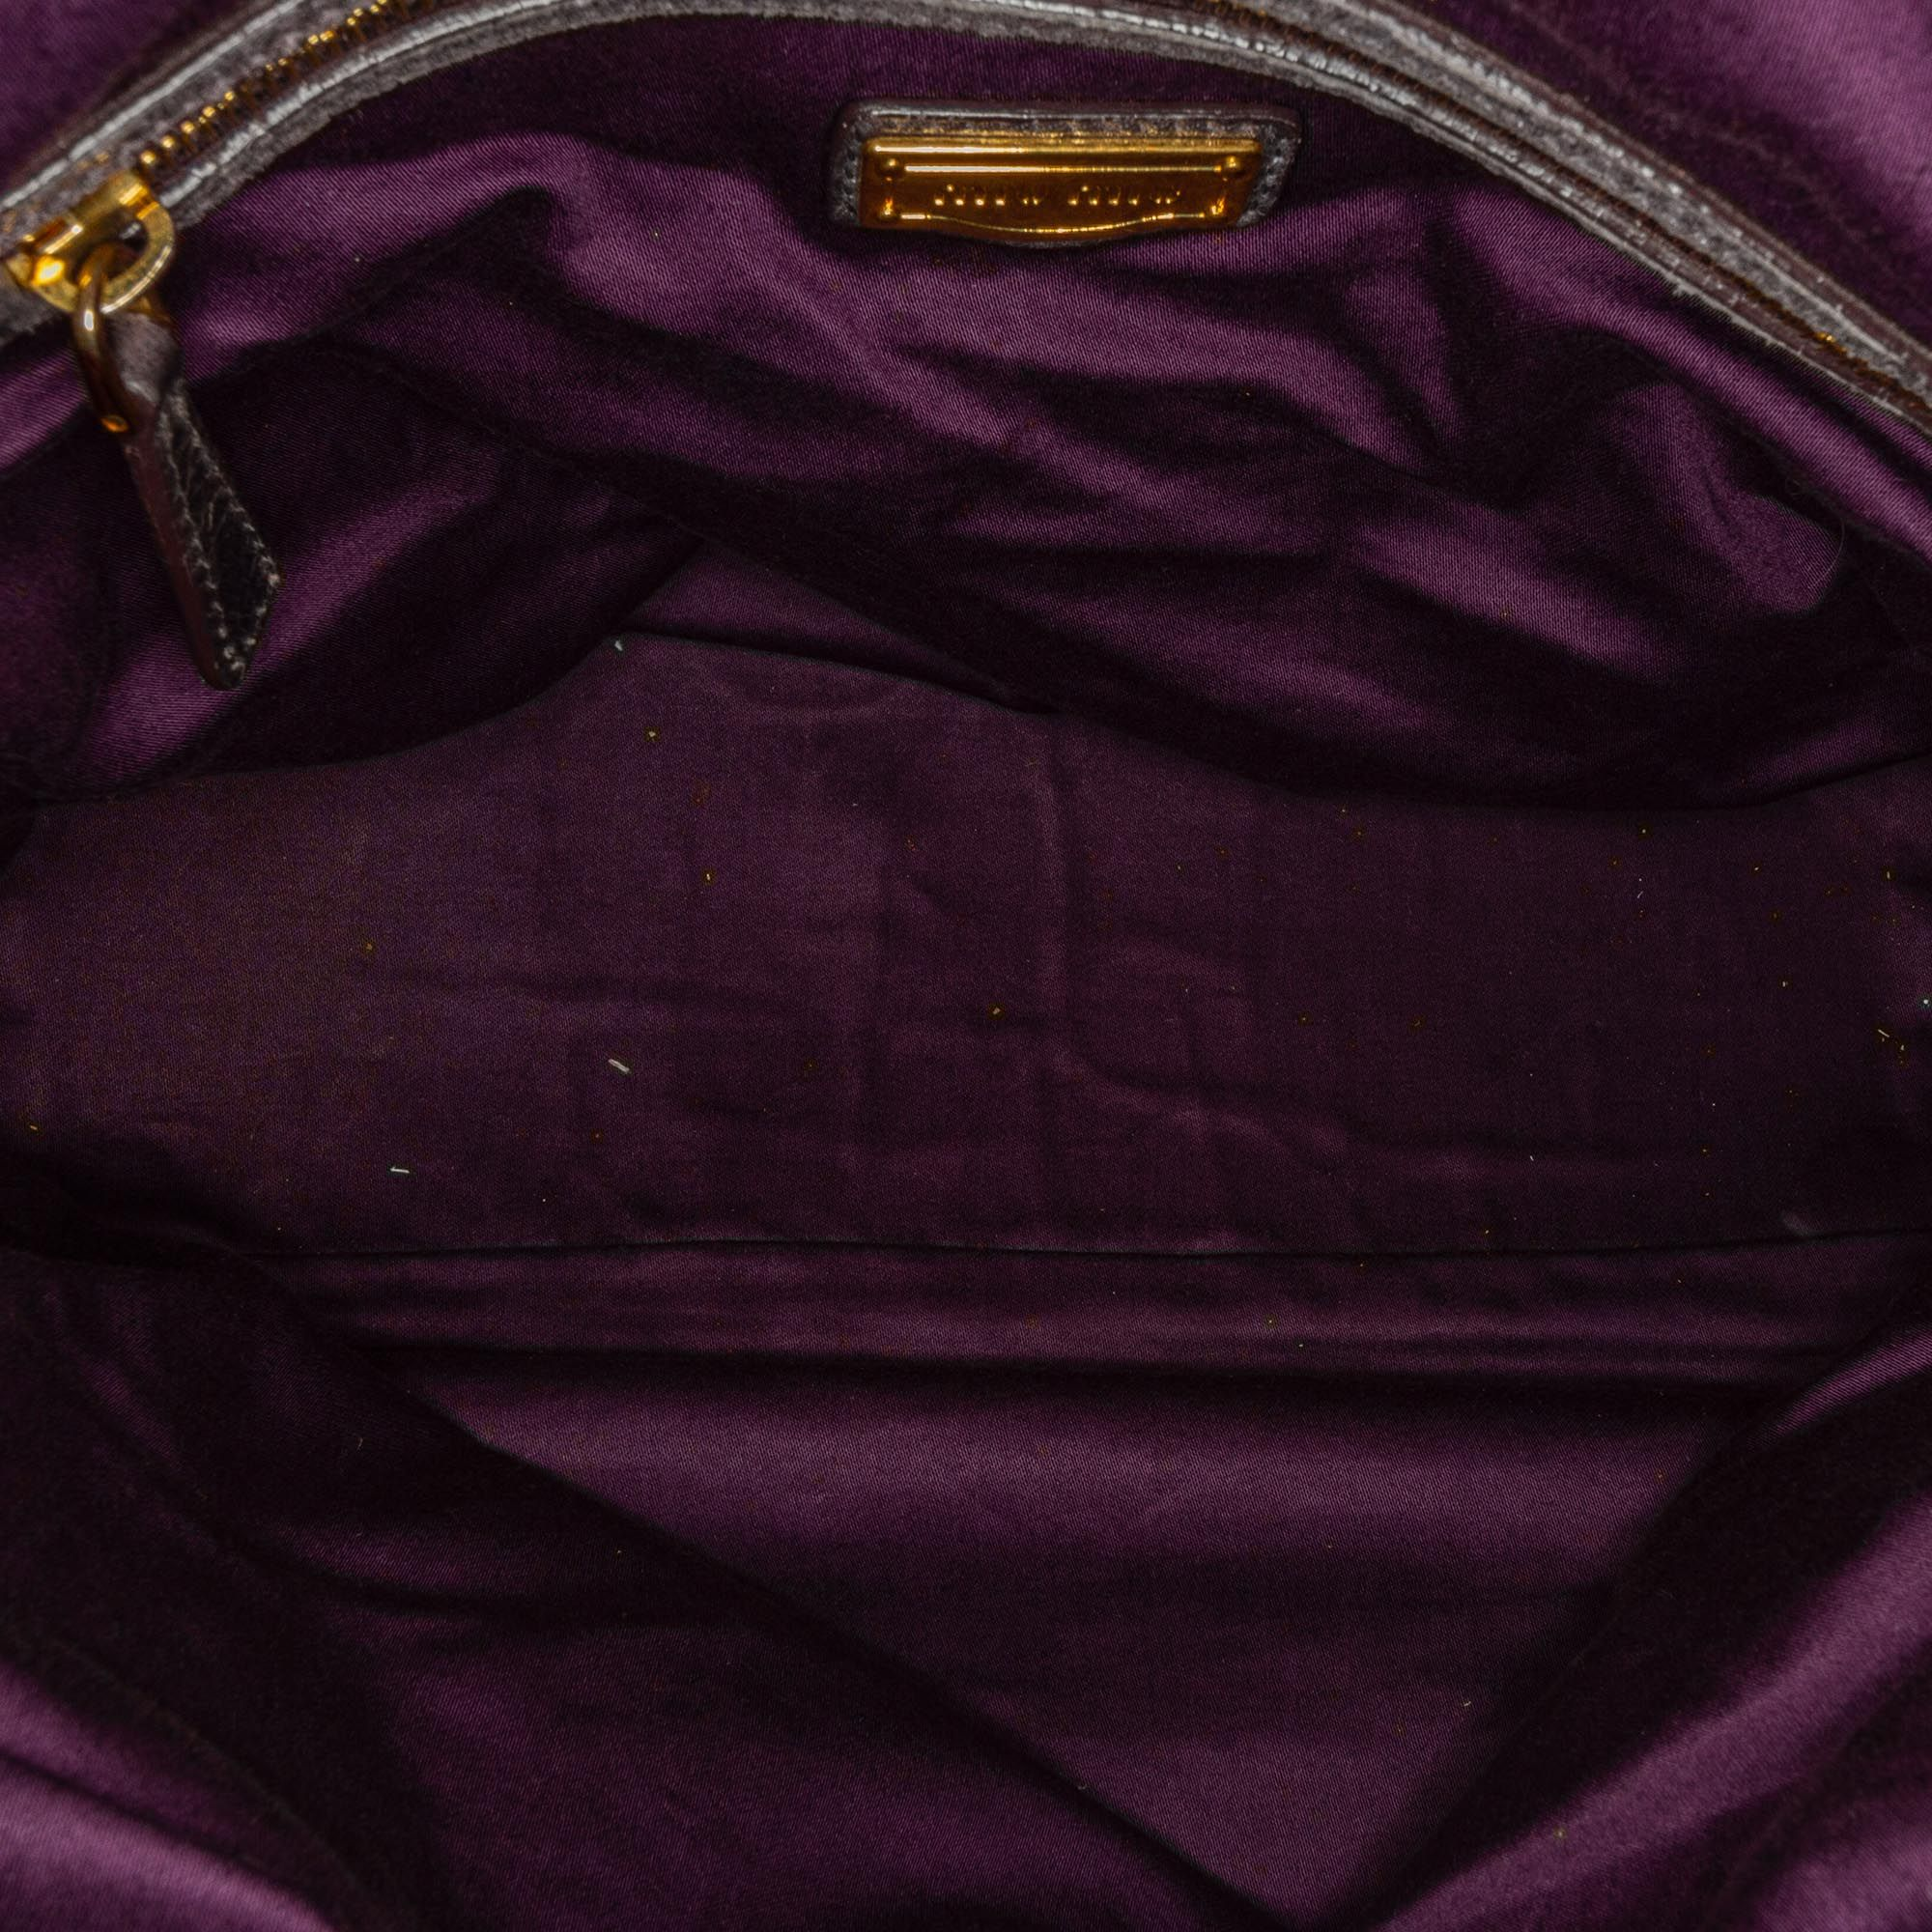 Vintage Miu Miu Leather Satchel Brown